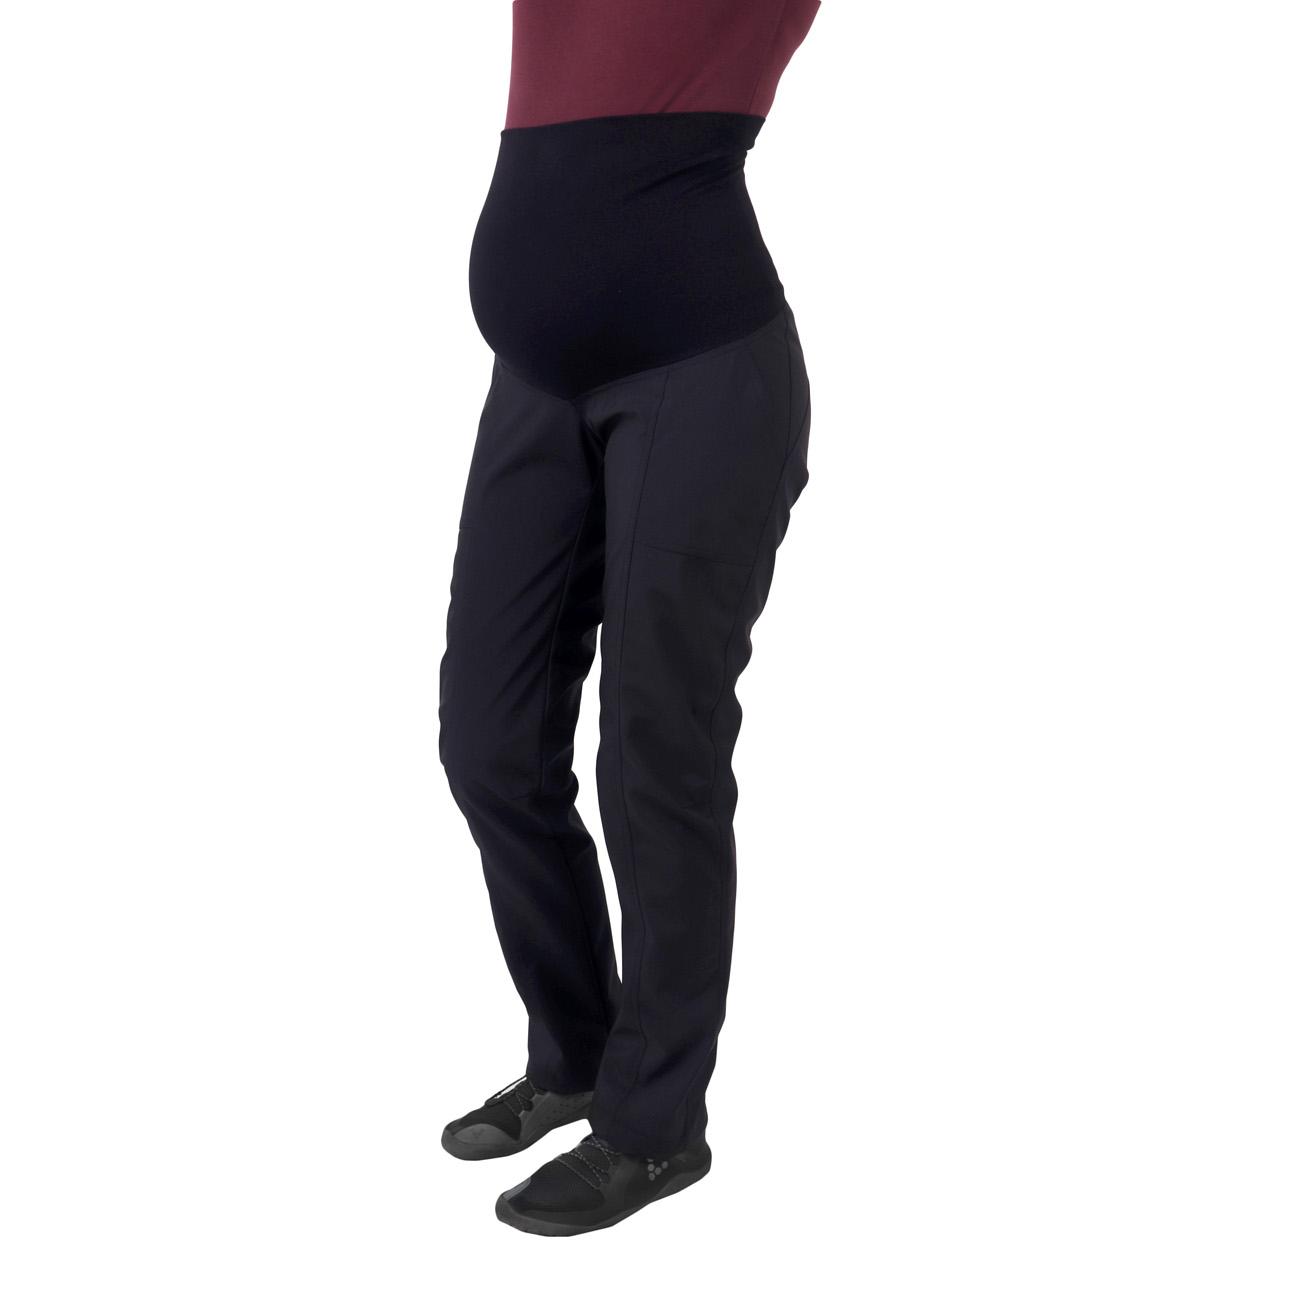 Jarní/letní těhotenské softshellové kalhoty liva, černé, 36 normální délka